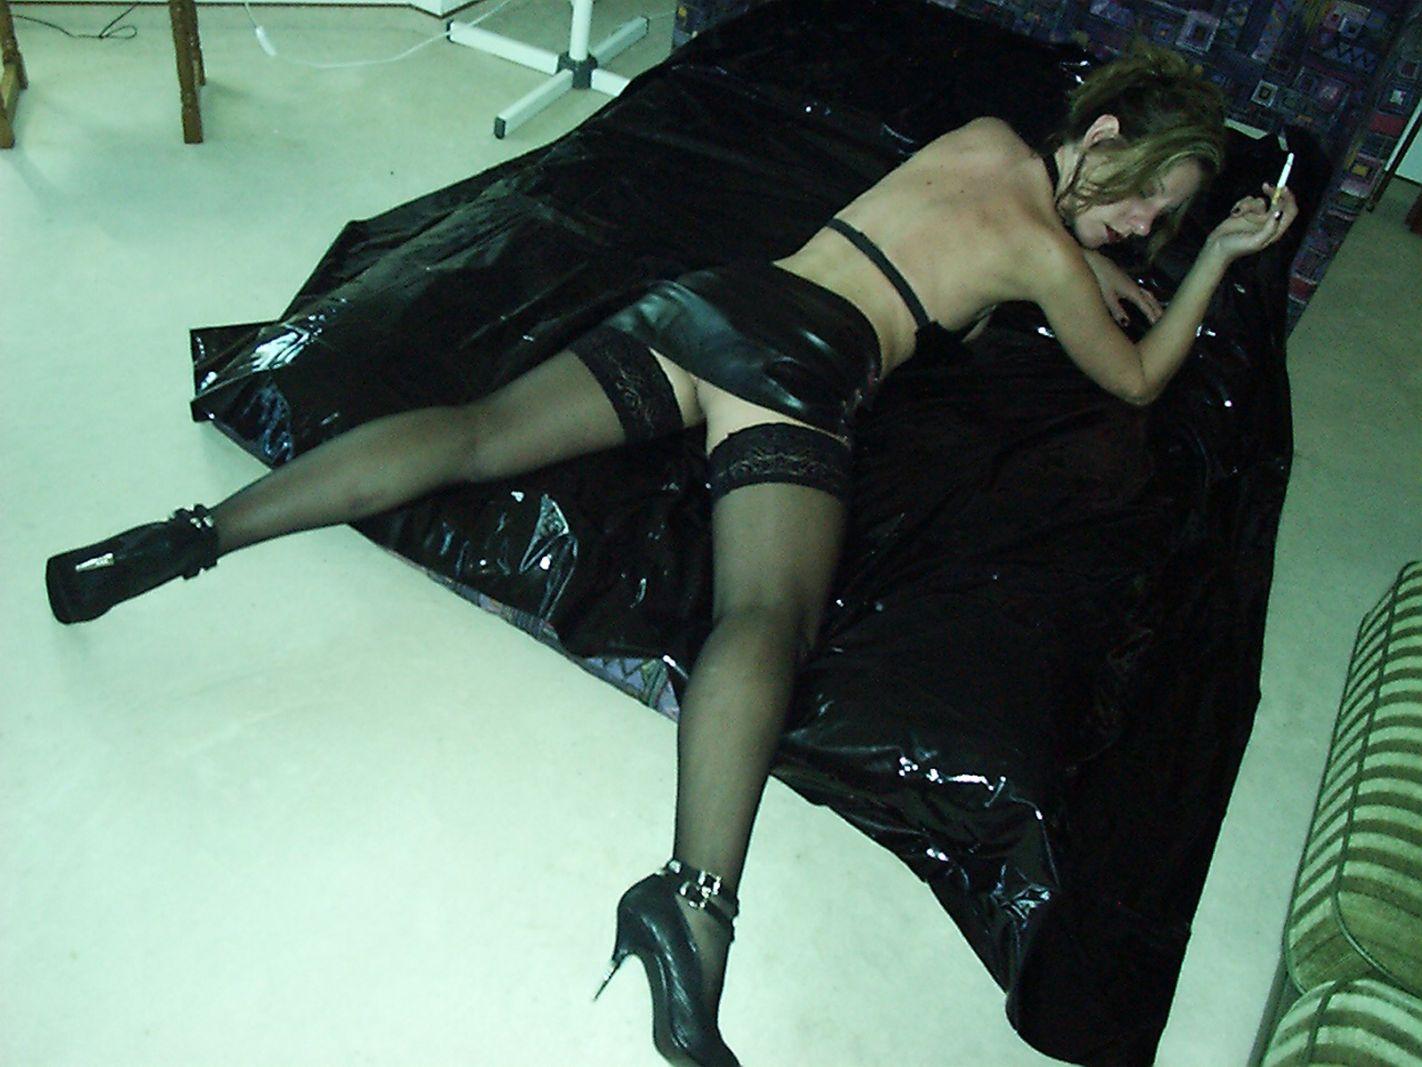 Frau liegt mit gespreizten Beinen auf dem Bett